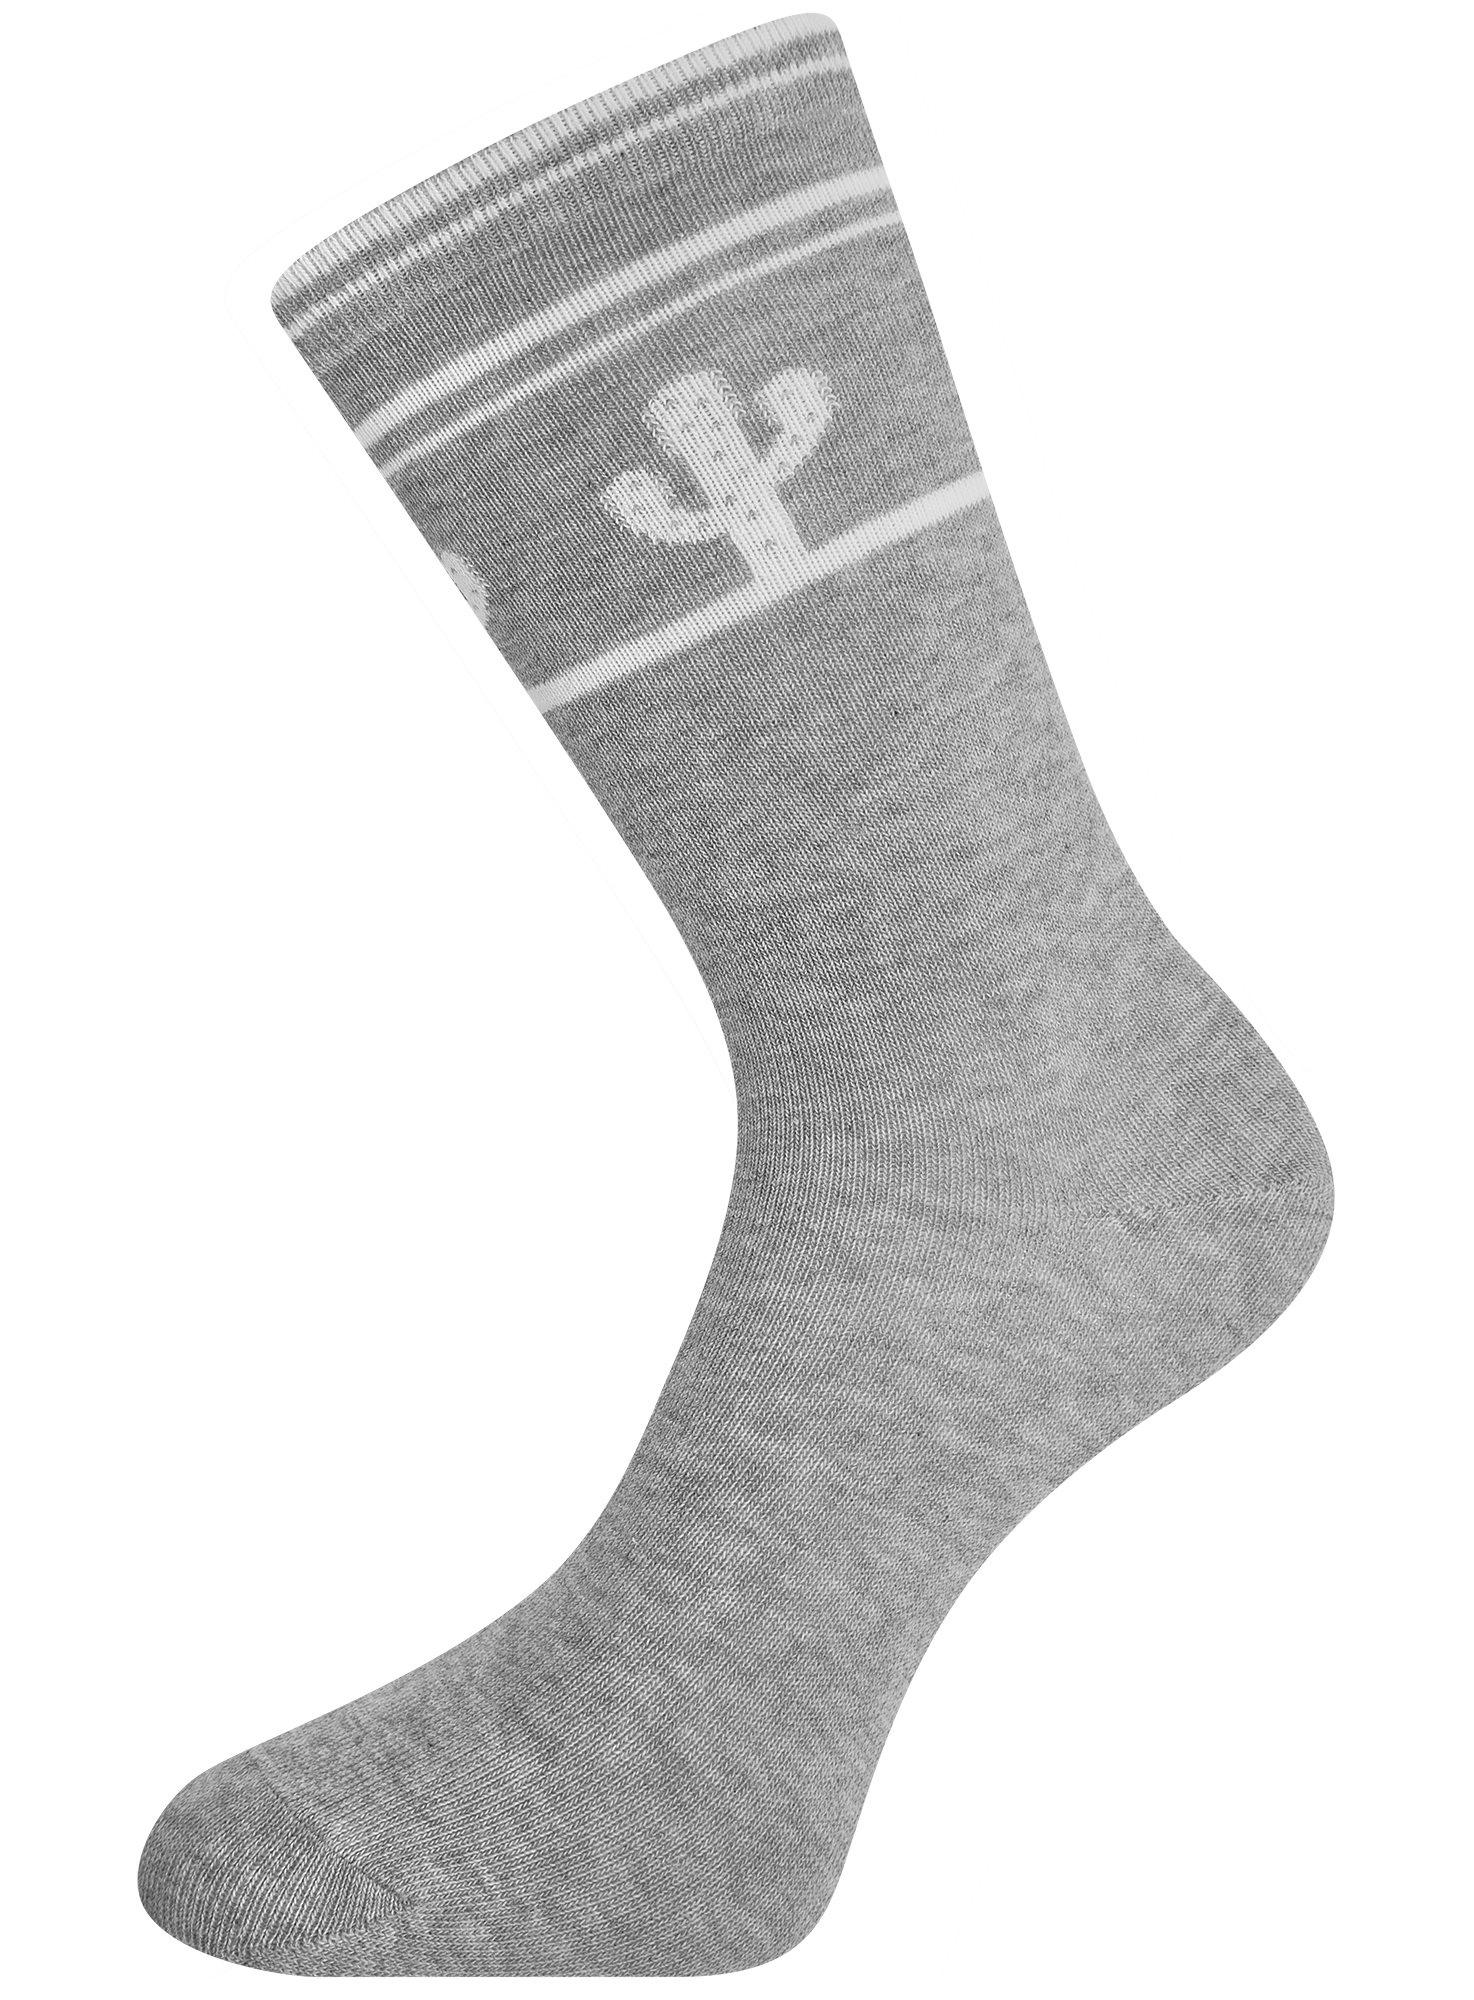 Комплект высоких носков (6 пар) oodji для женщины (разноцветный), 57102902T6/47469/33